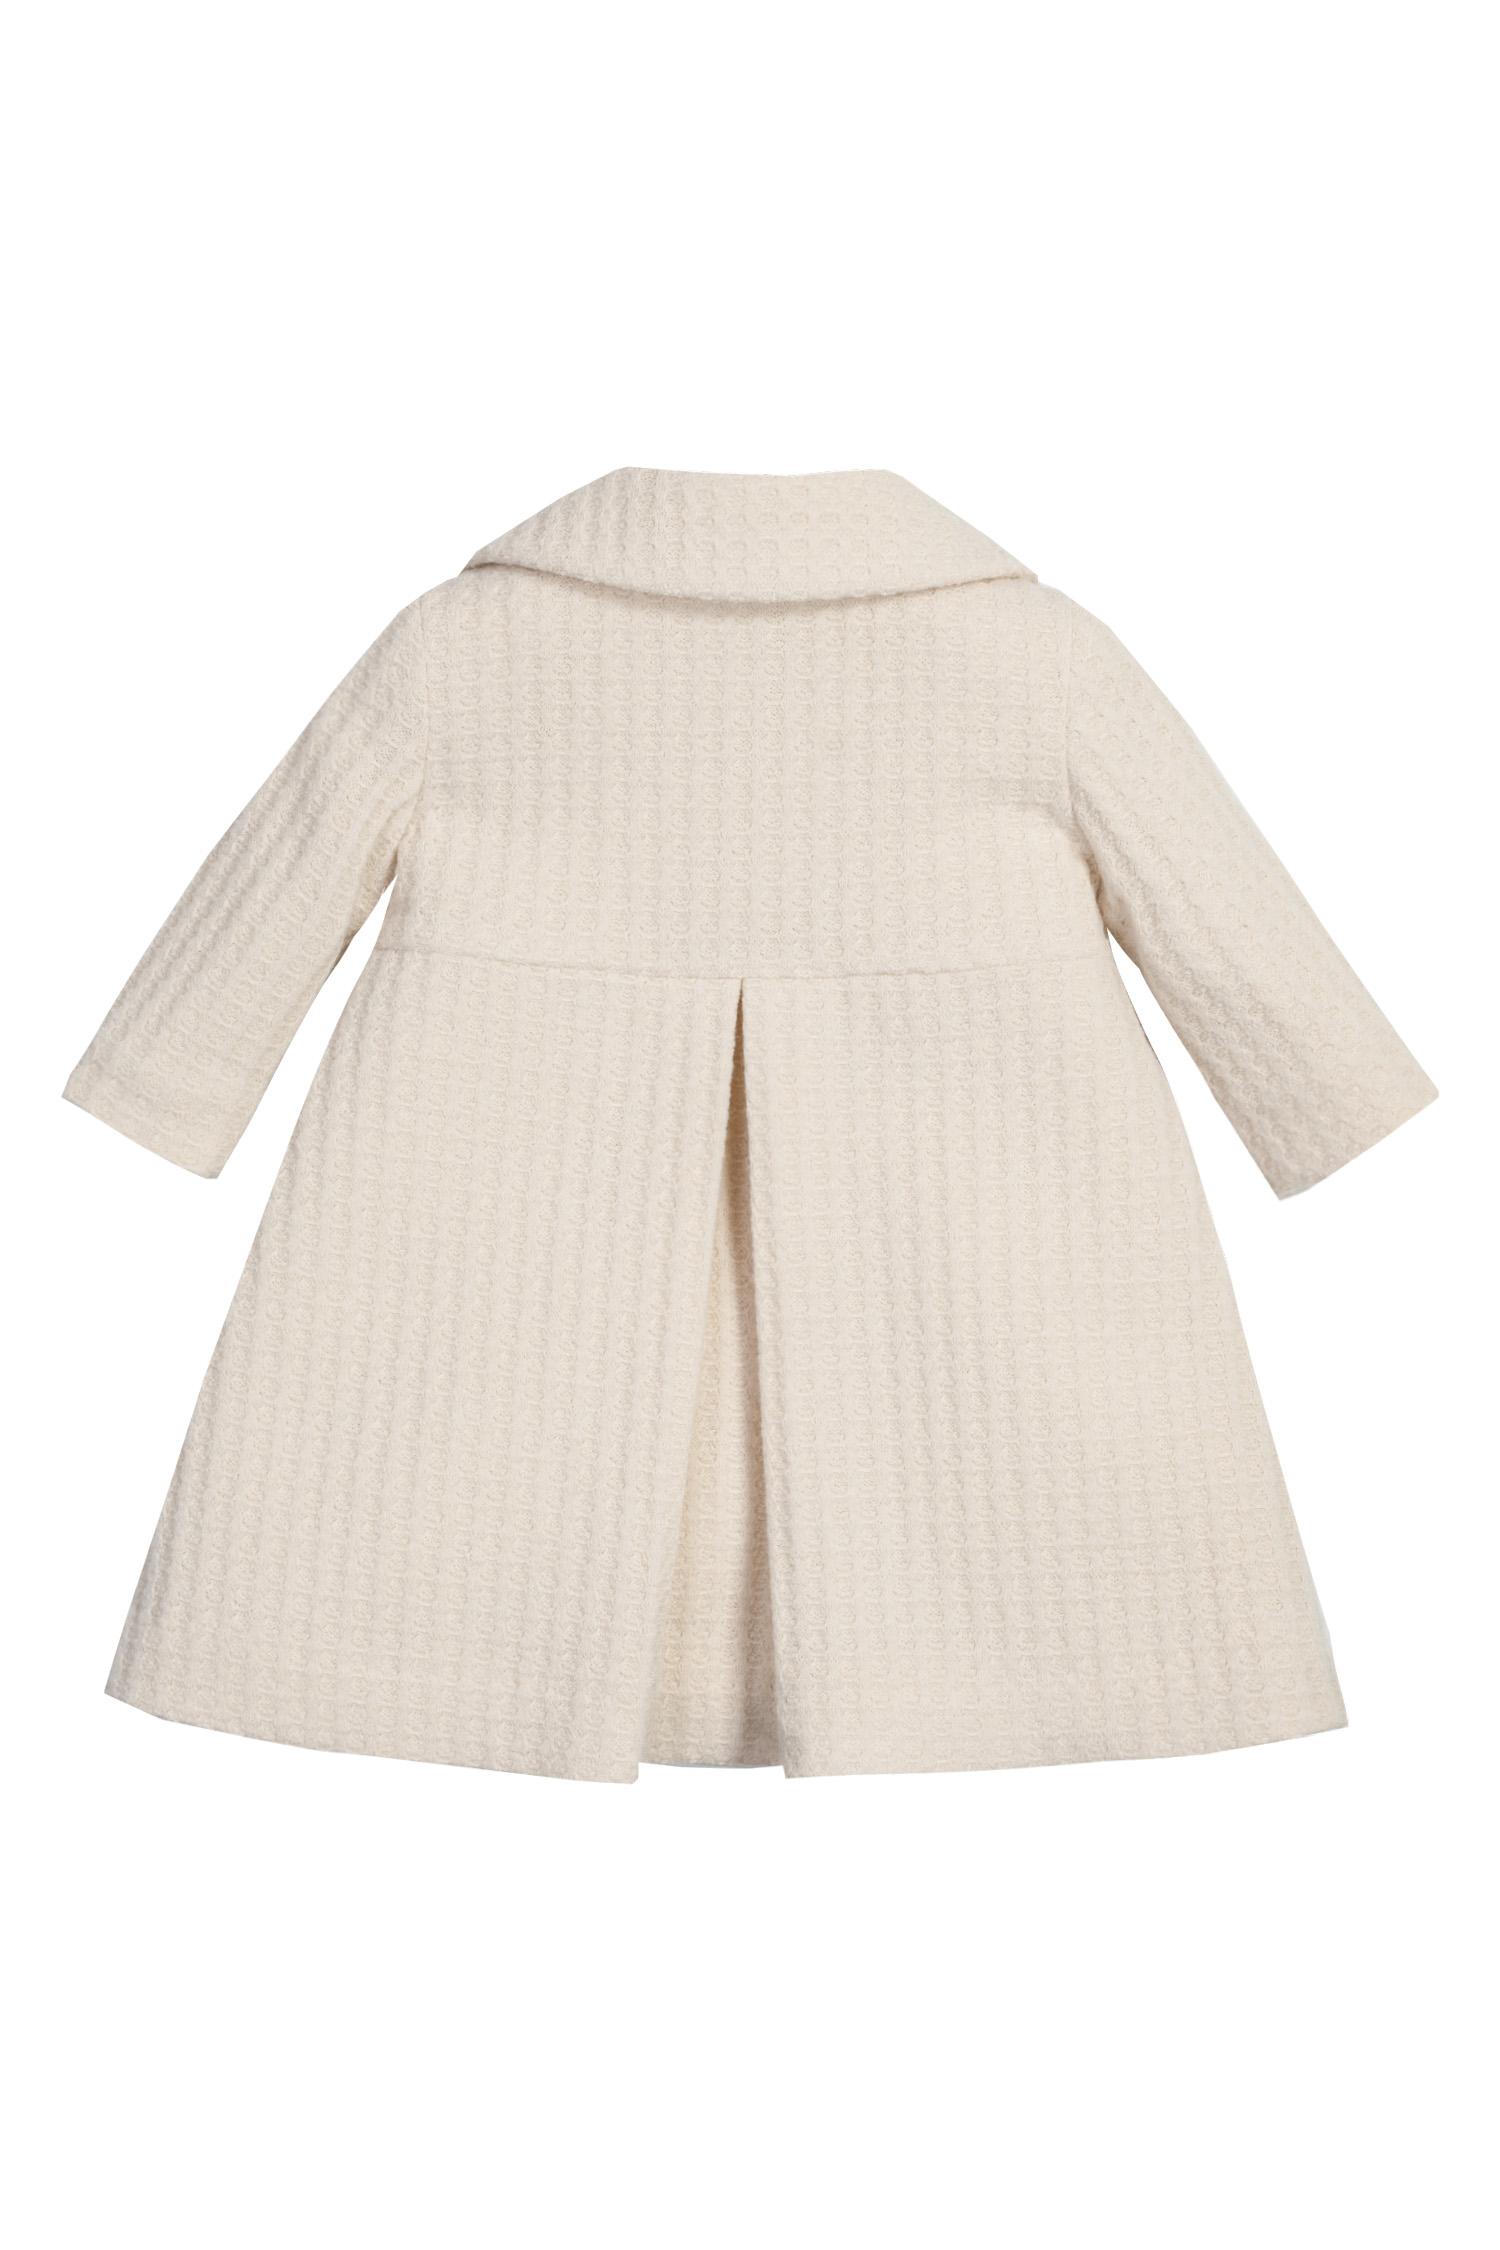 Palton de botez pentru fetițe Ines -spate